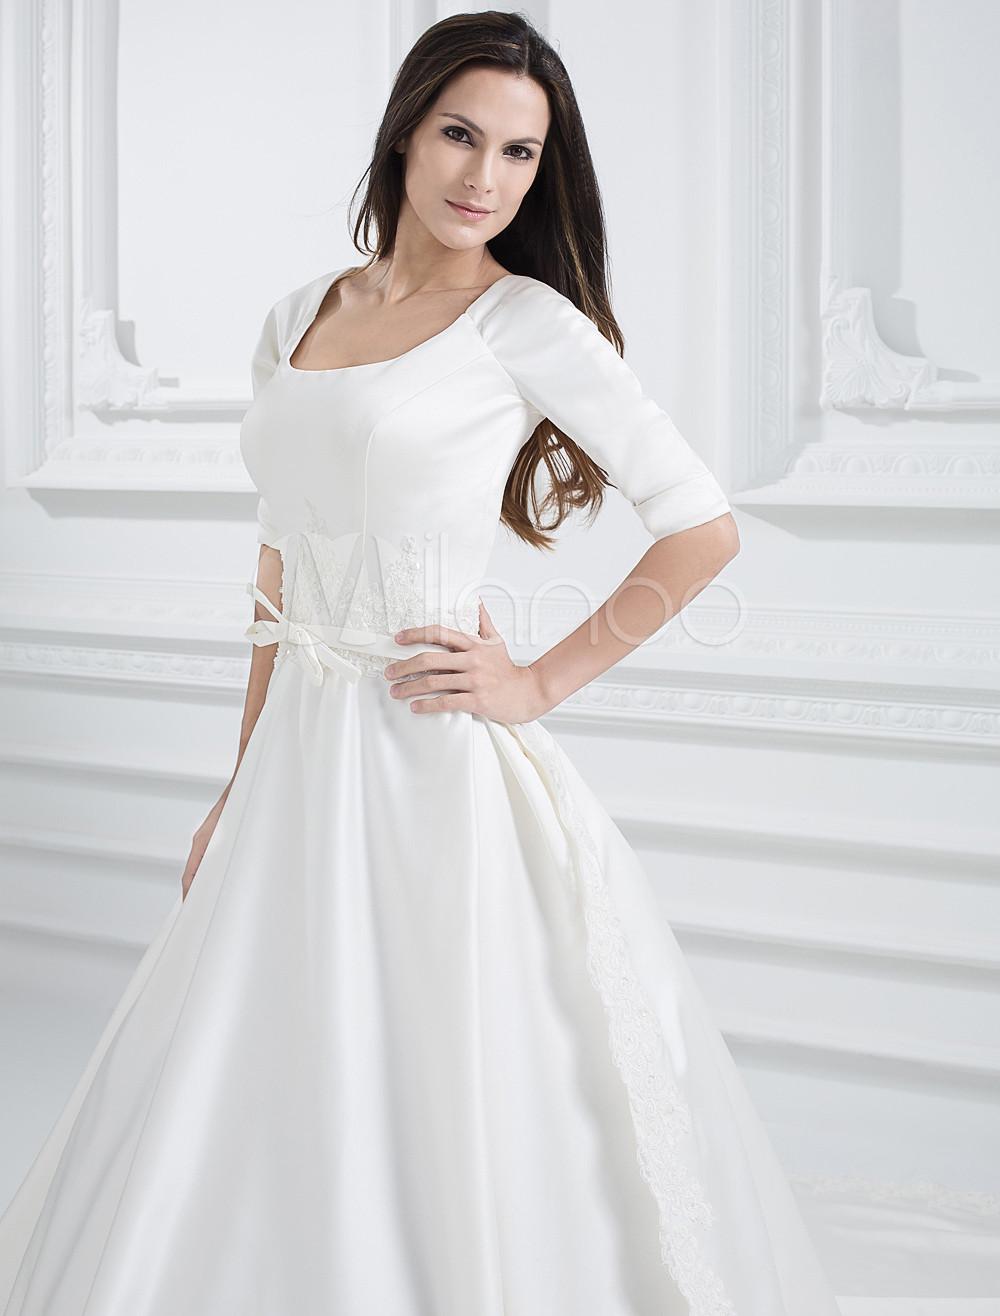 Modern-White-Satin-Jewel-A-line-Wedding-Dress-122520-7.jpg